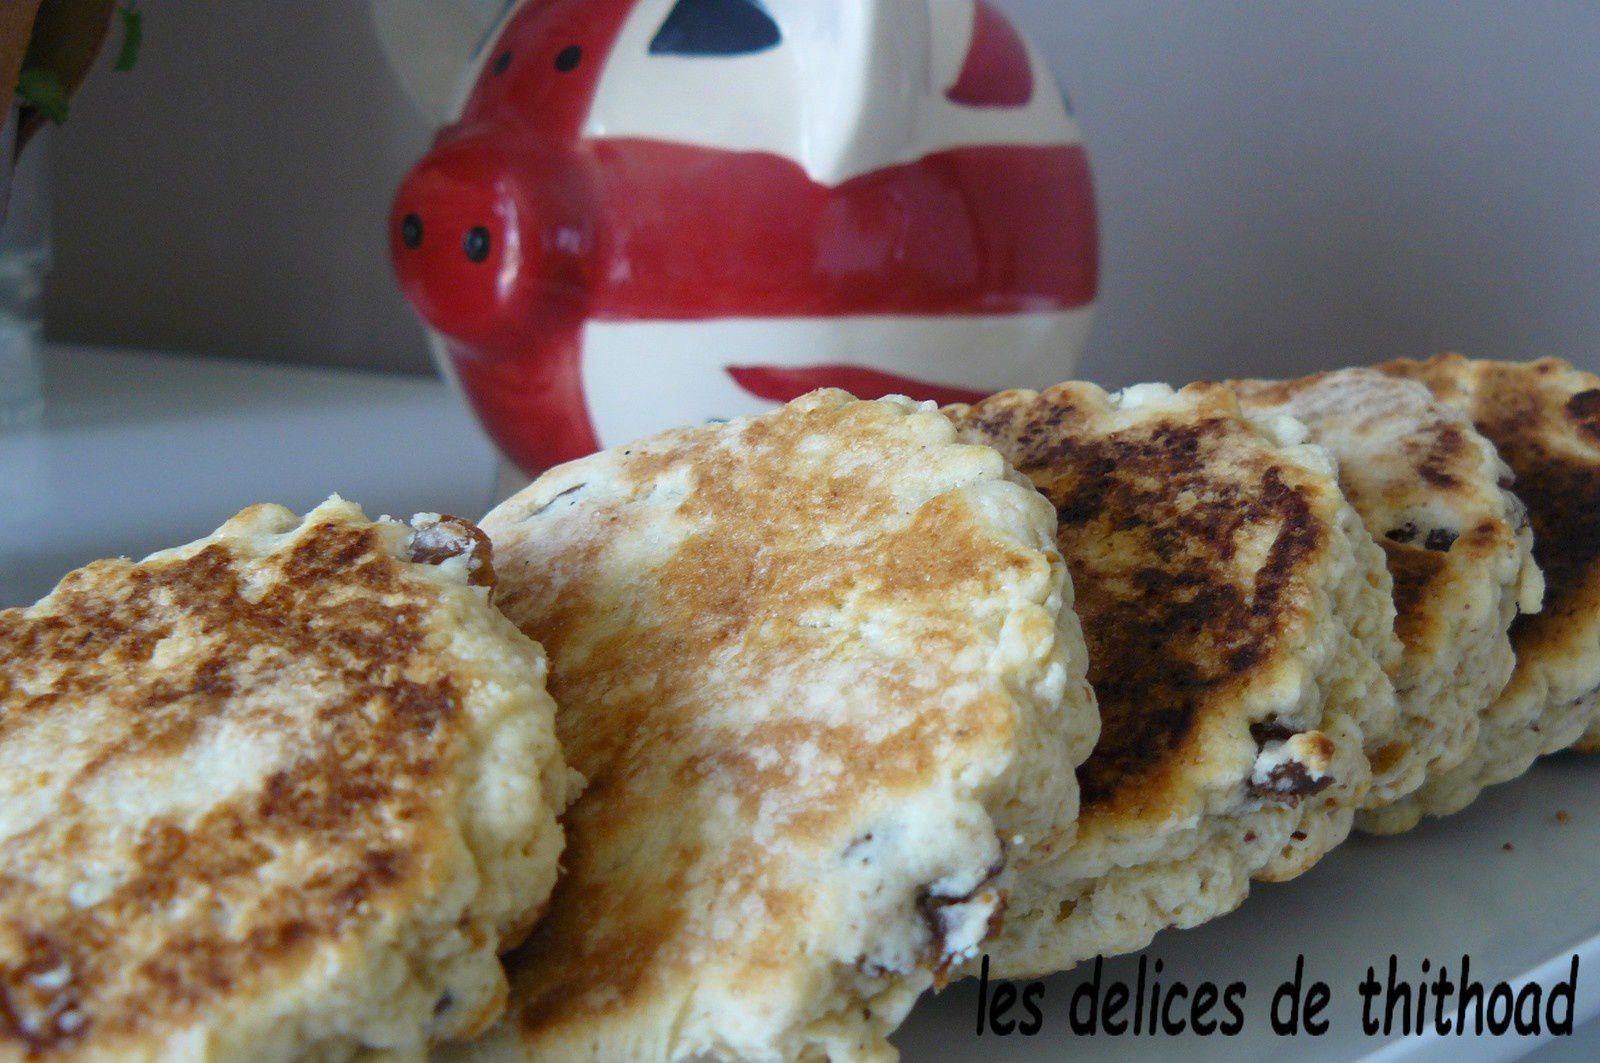 welsh cakes aux fruits secs , défi culinaire #16 sur le thème dessert anglais